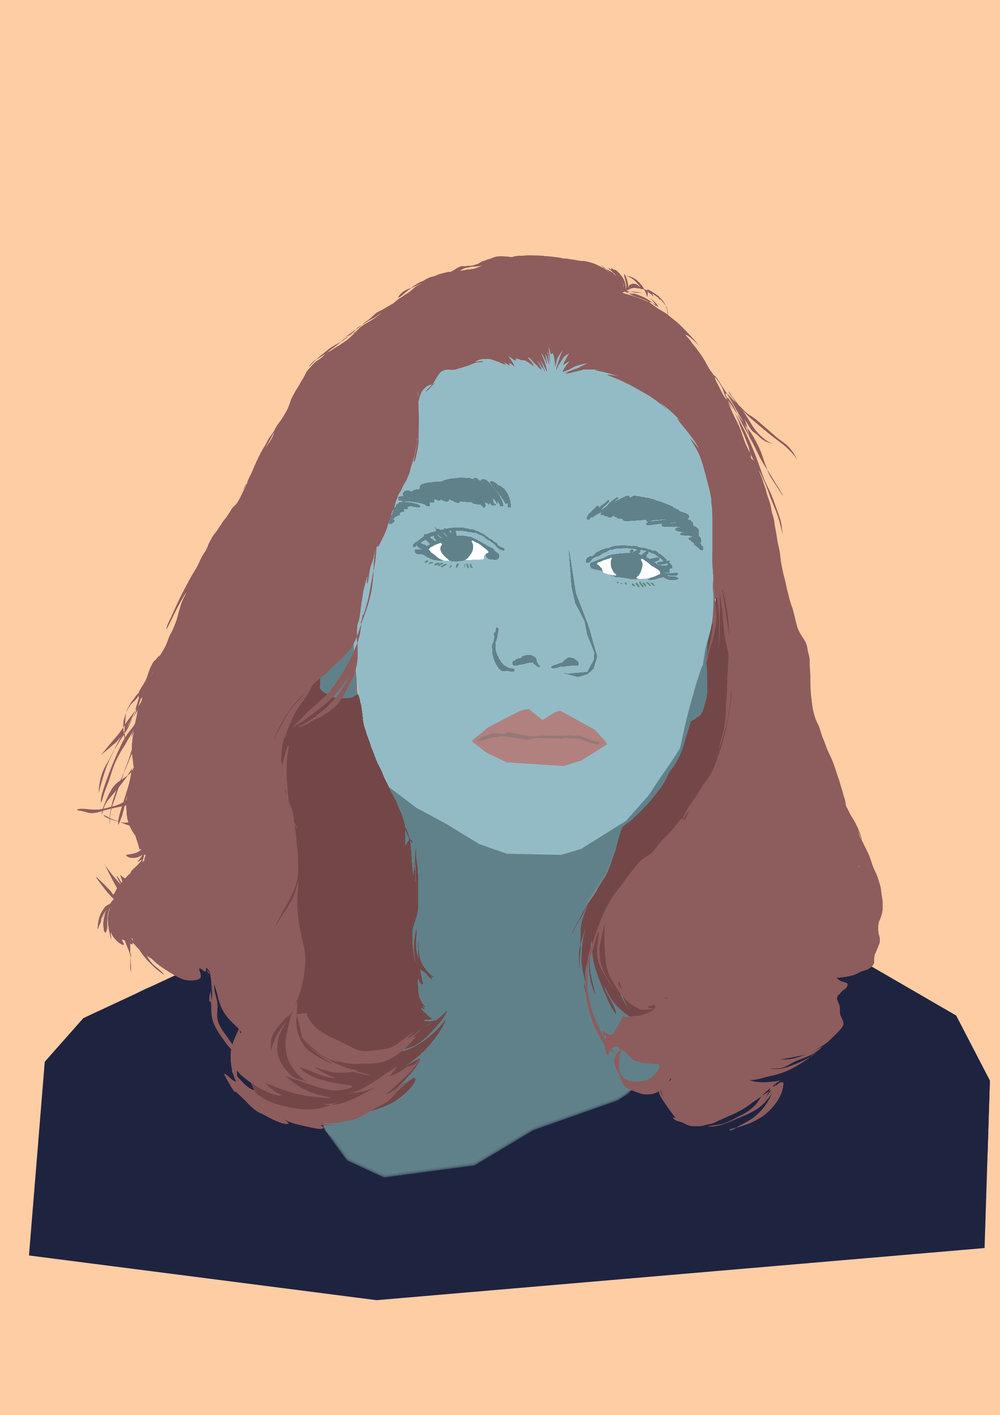 alix welfling - Conceptrice, Rédactrice@alixwelfling